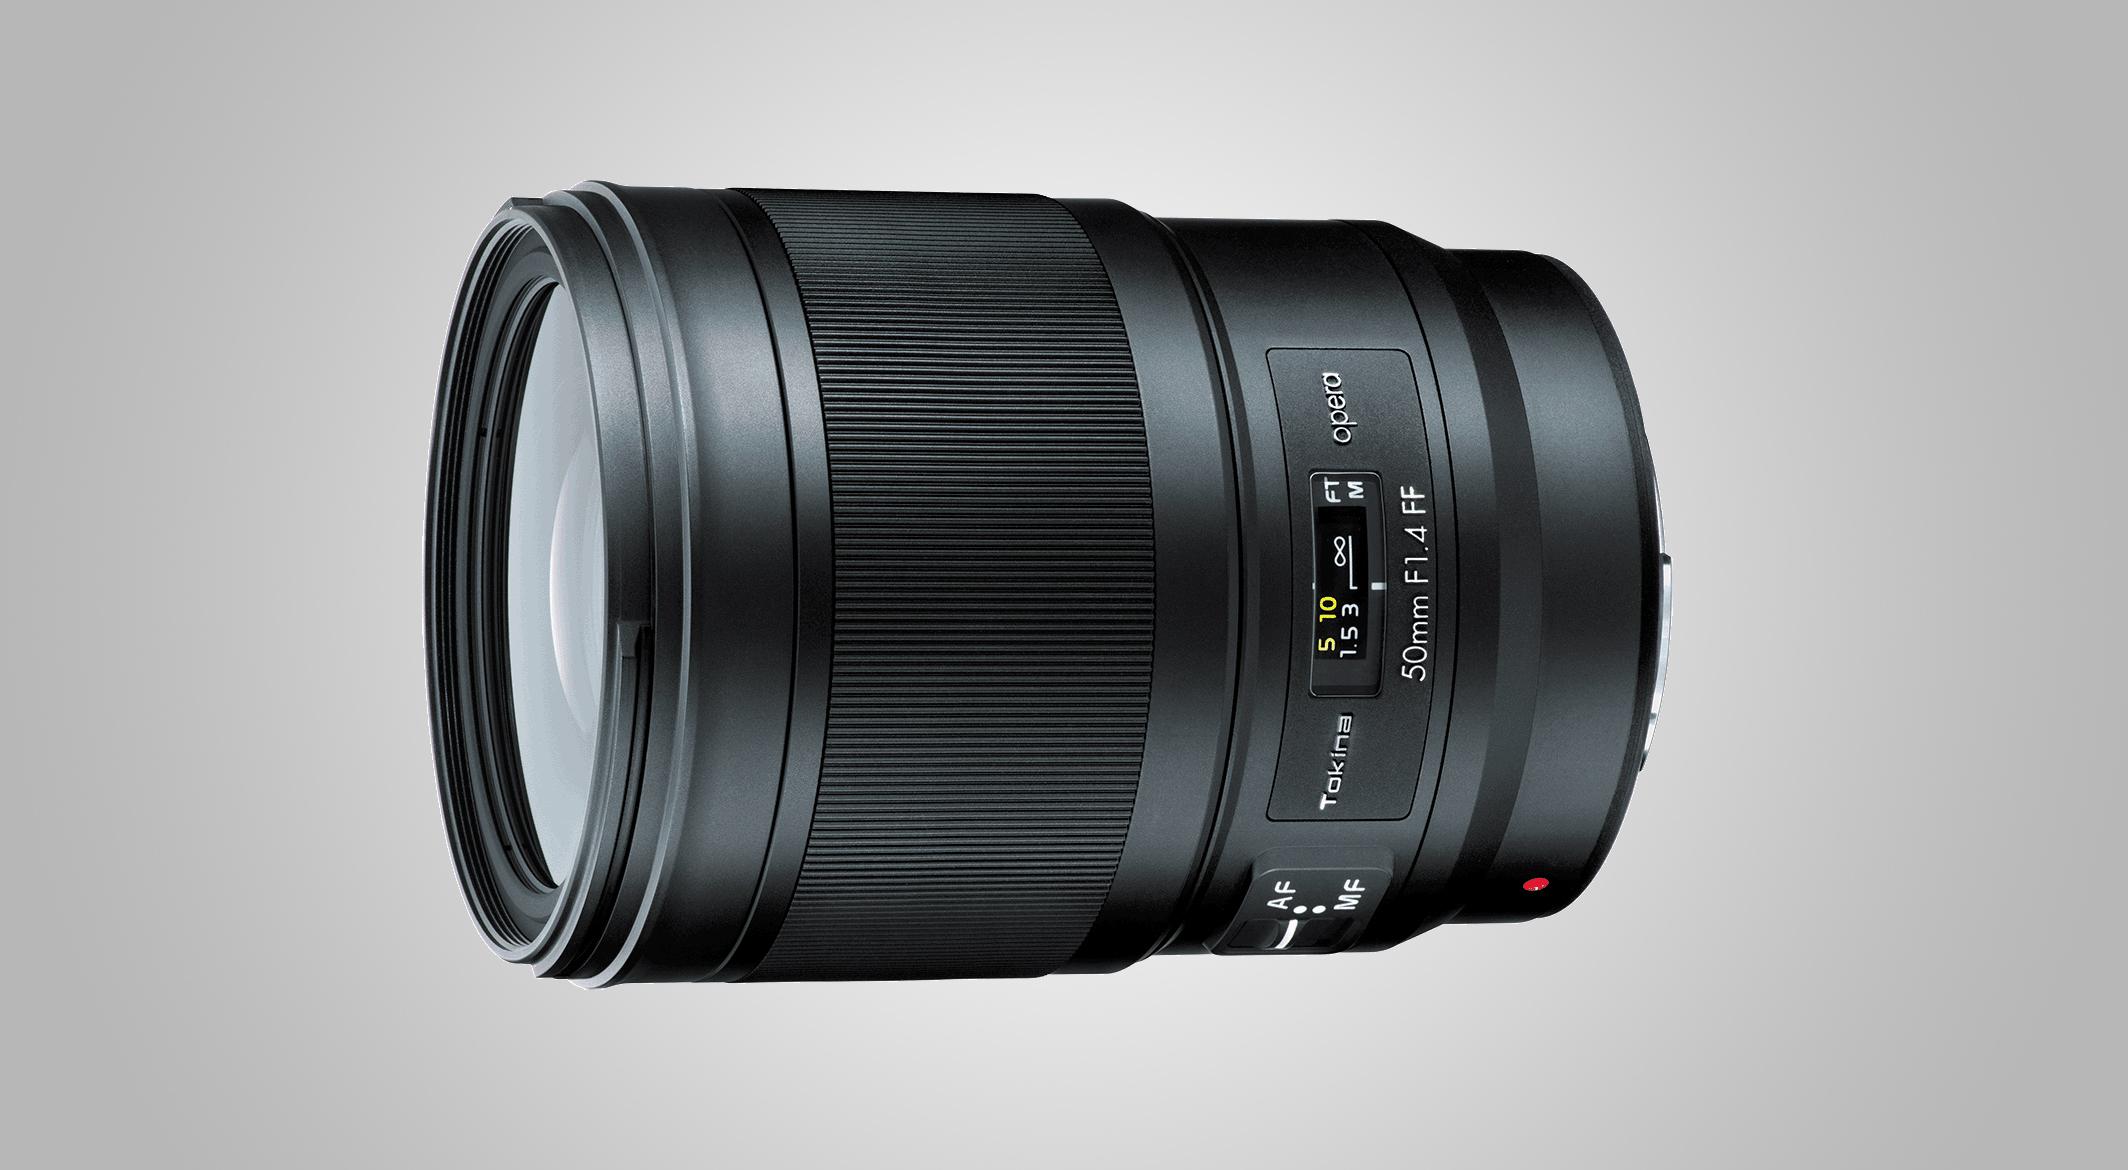 Tokina announces premium 50mm f/1.4 standard prime